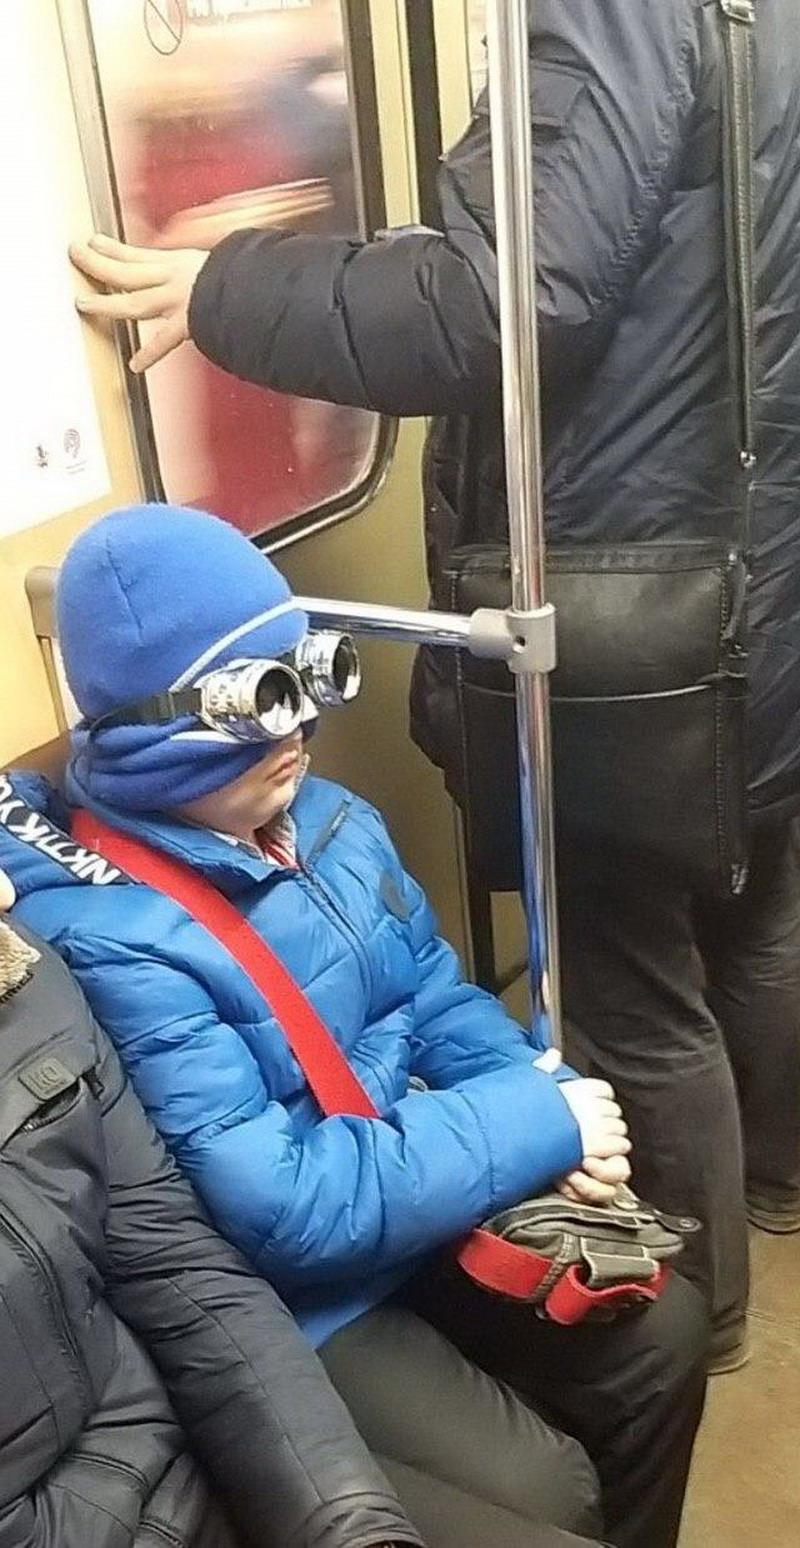 Модники и чудики из российского метрополитена - 118 (45 фото)